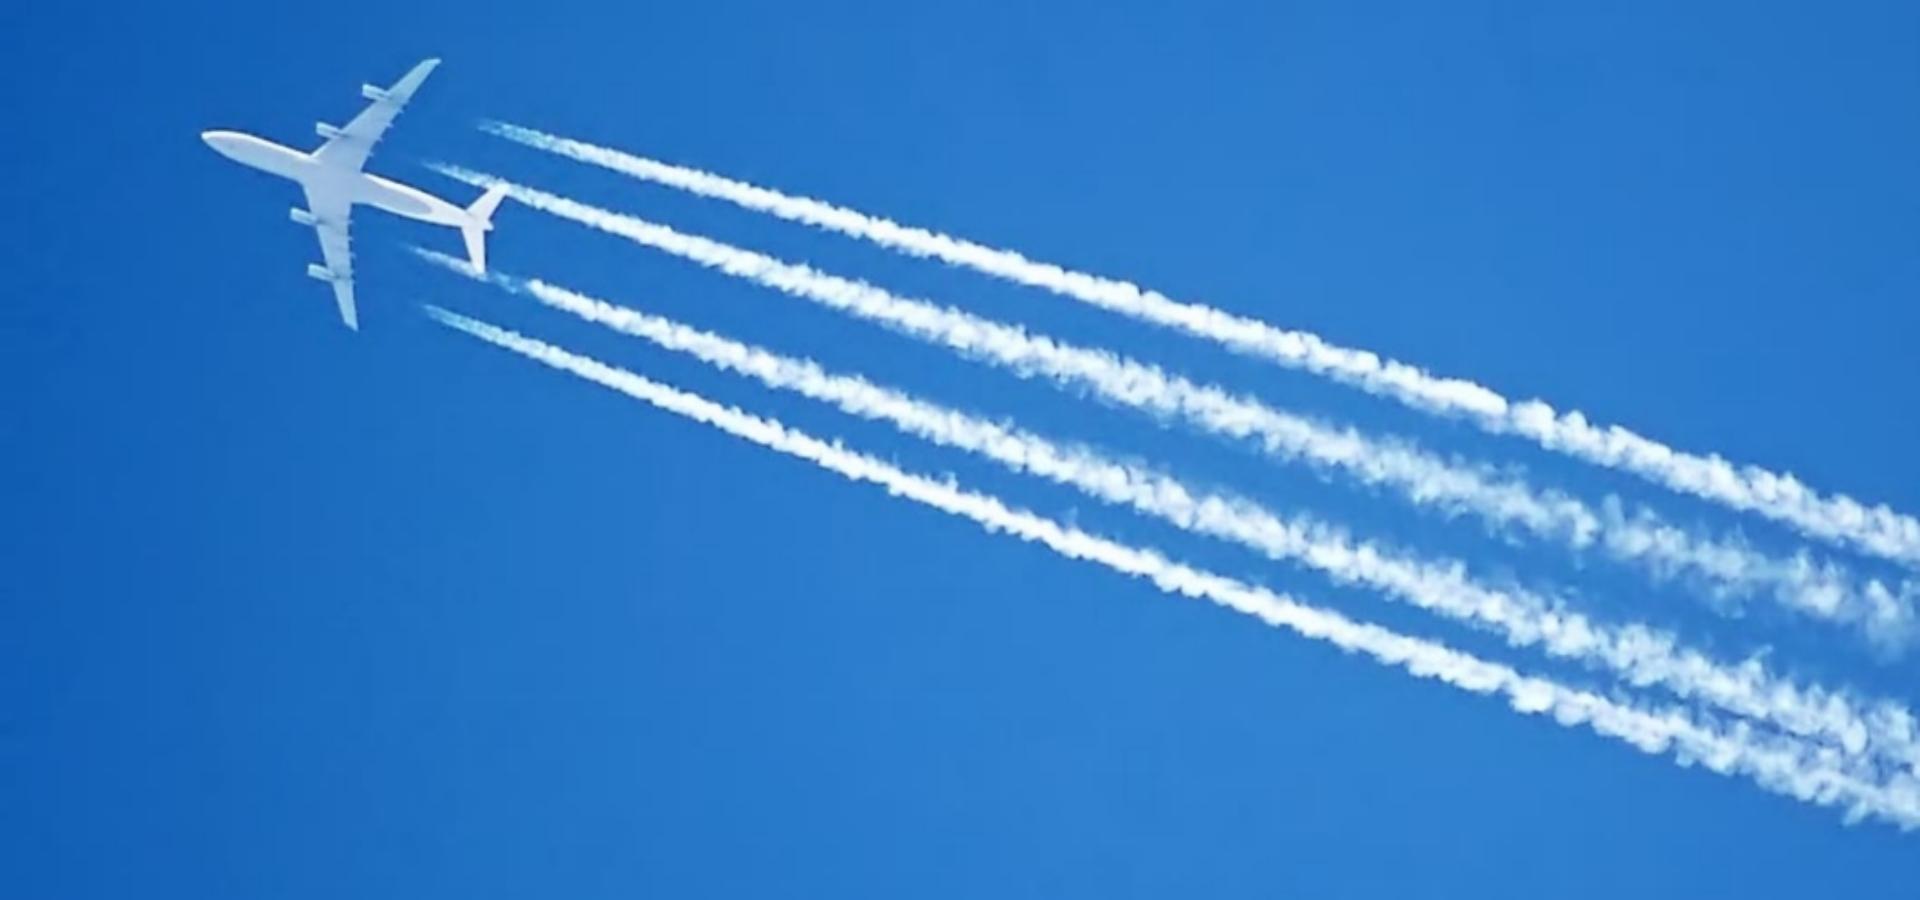 Flugzeug mit Kondensstreifen am Himmel